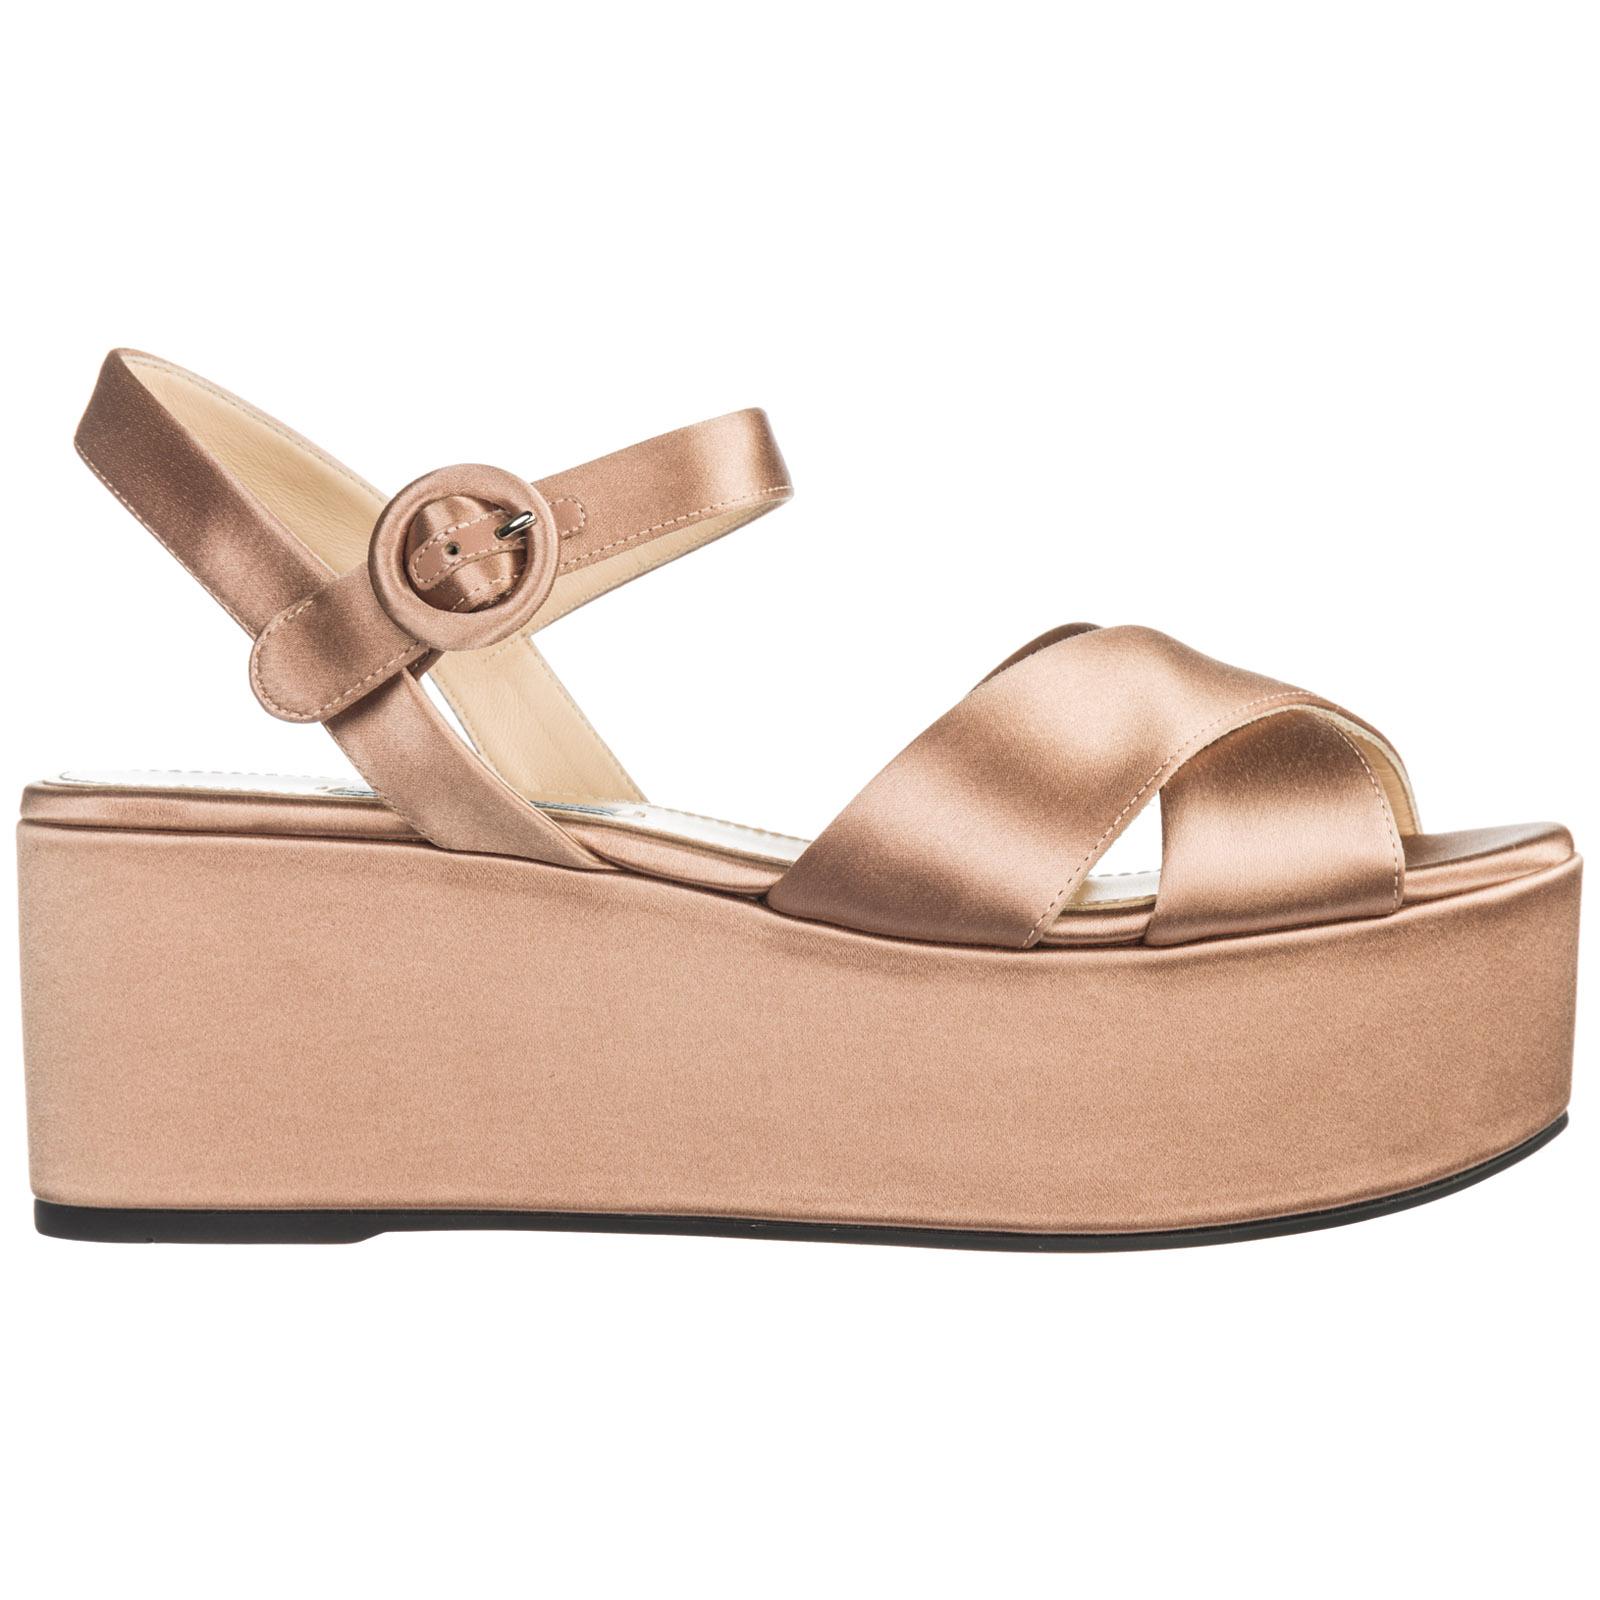 Prada Platforms Women's platform sandals